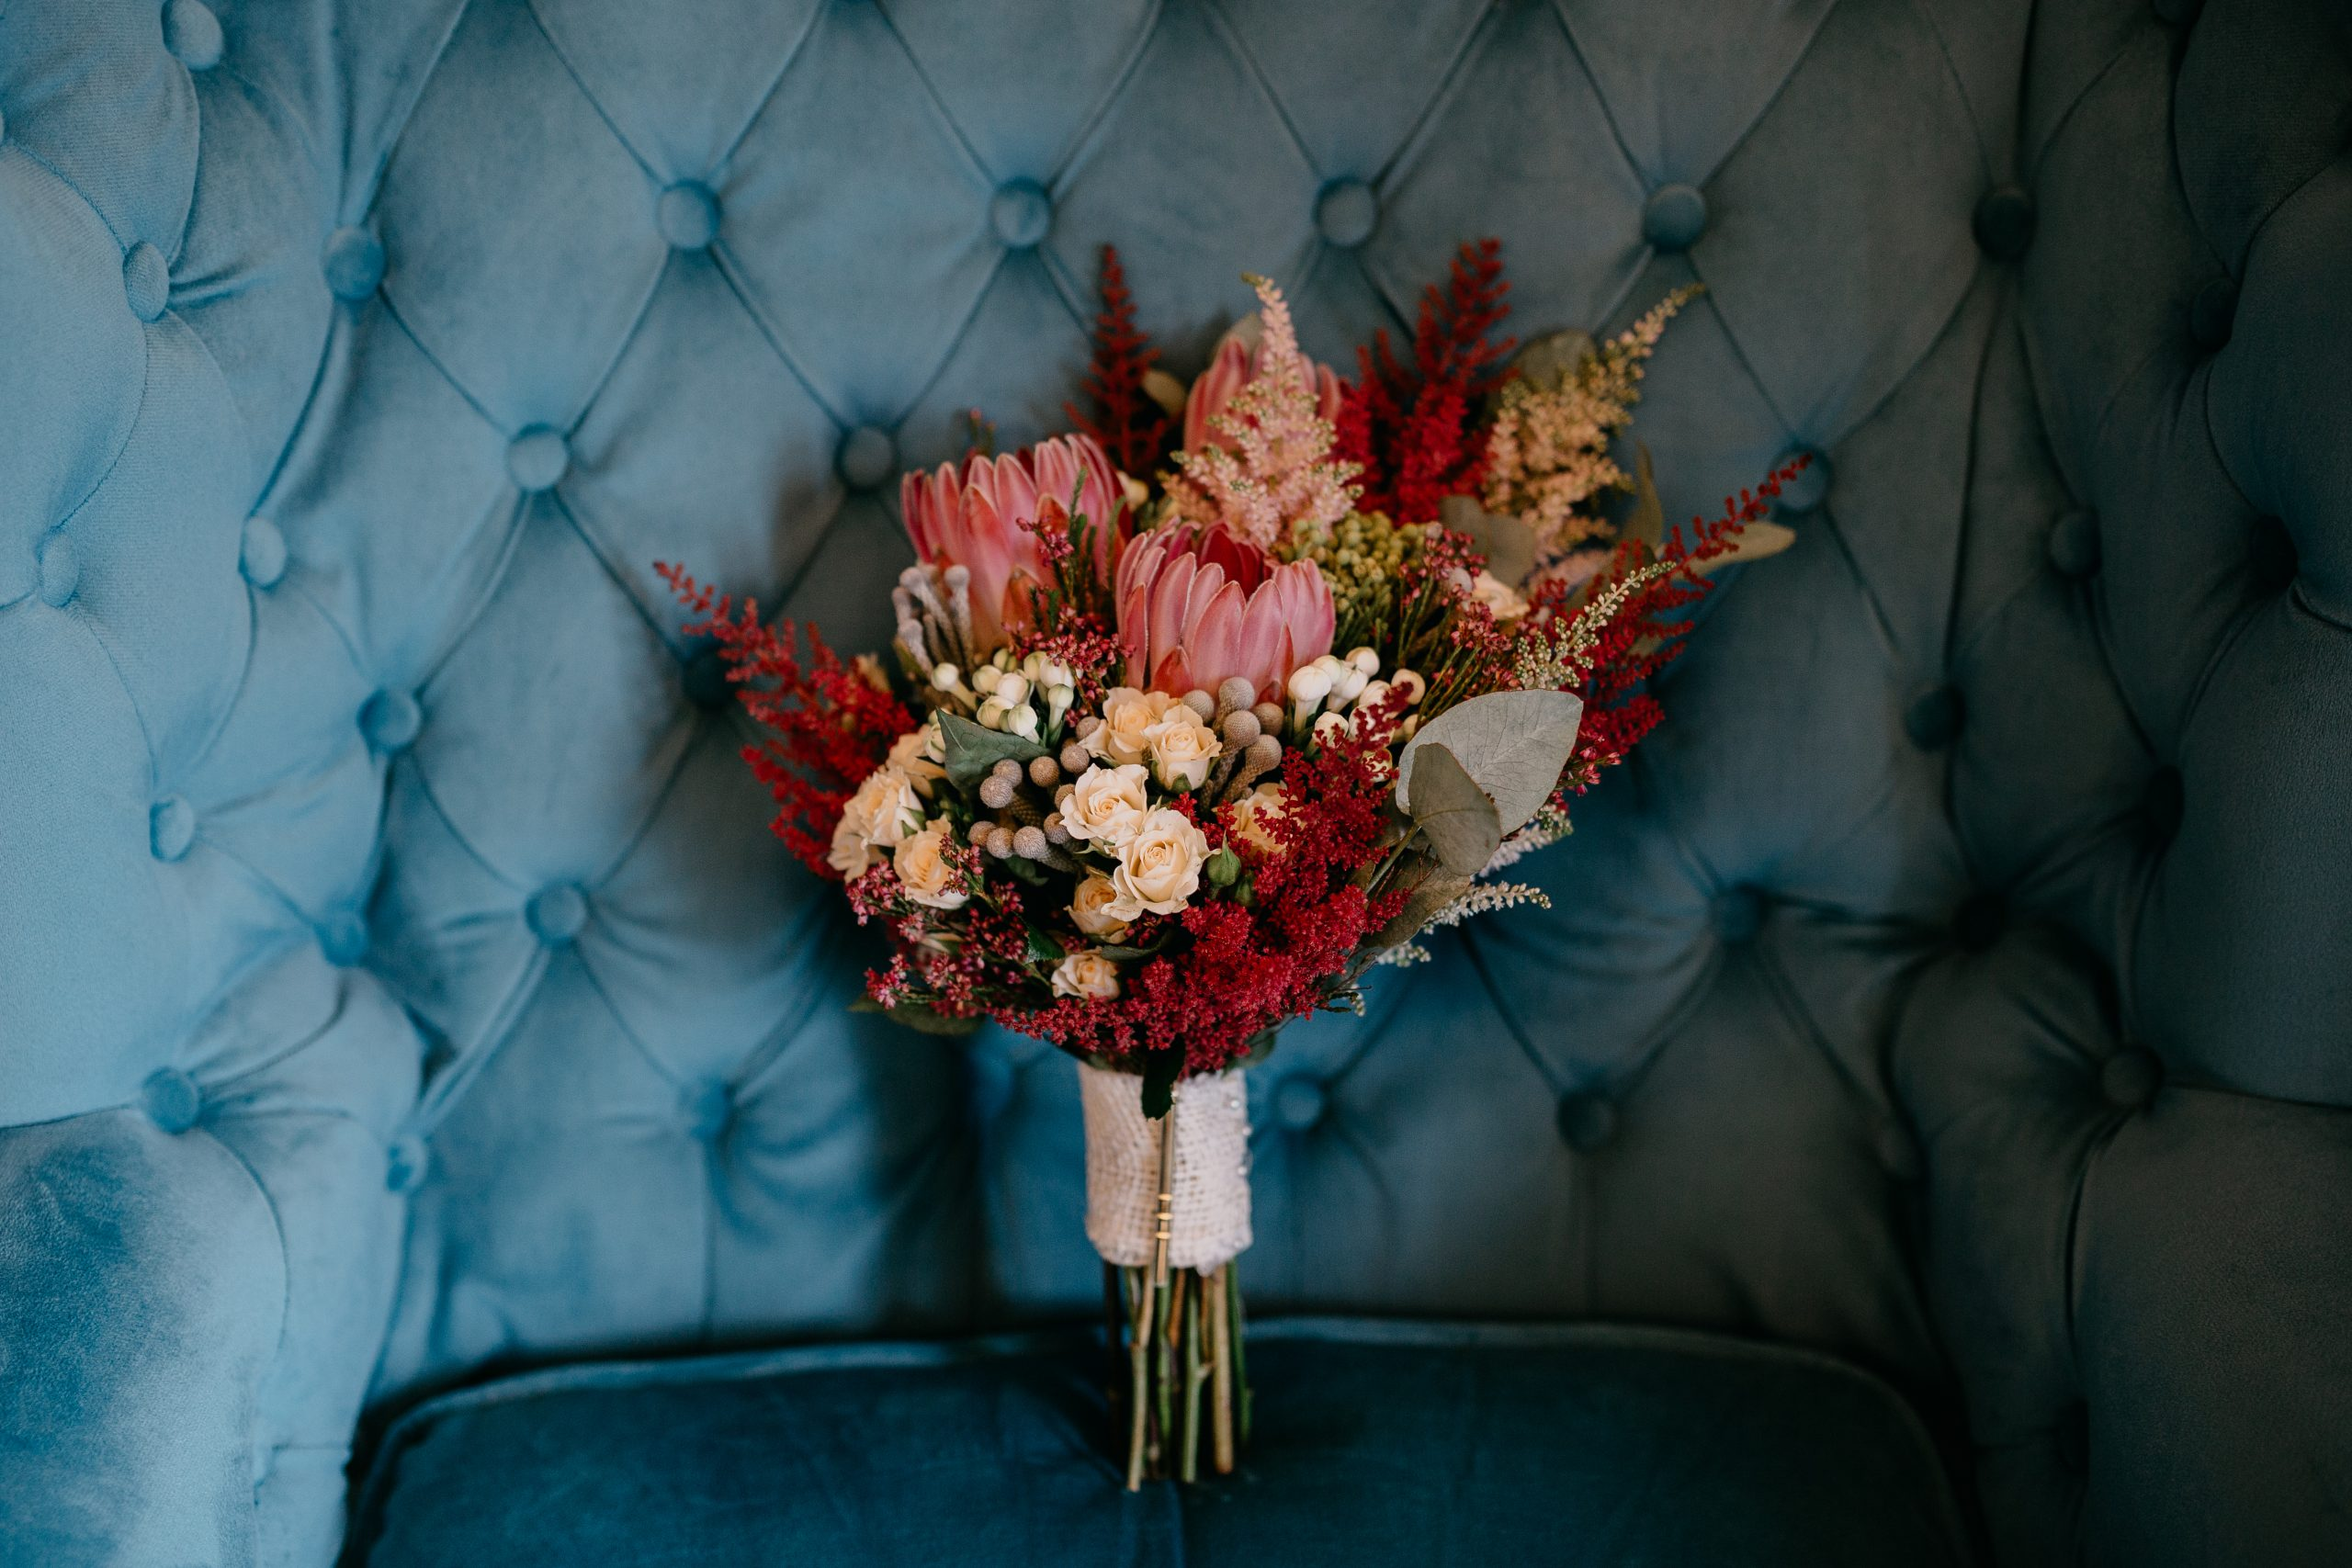 leymar-floristas-novias-asturias-aviles-ramos-bodas-decoracion-iglesia-mesas-novia (98)